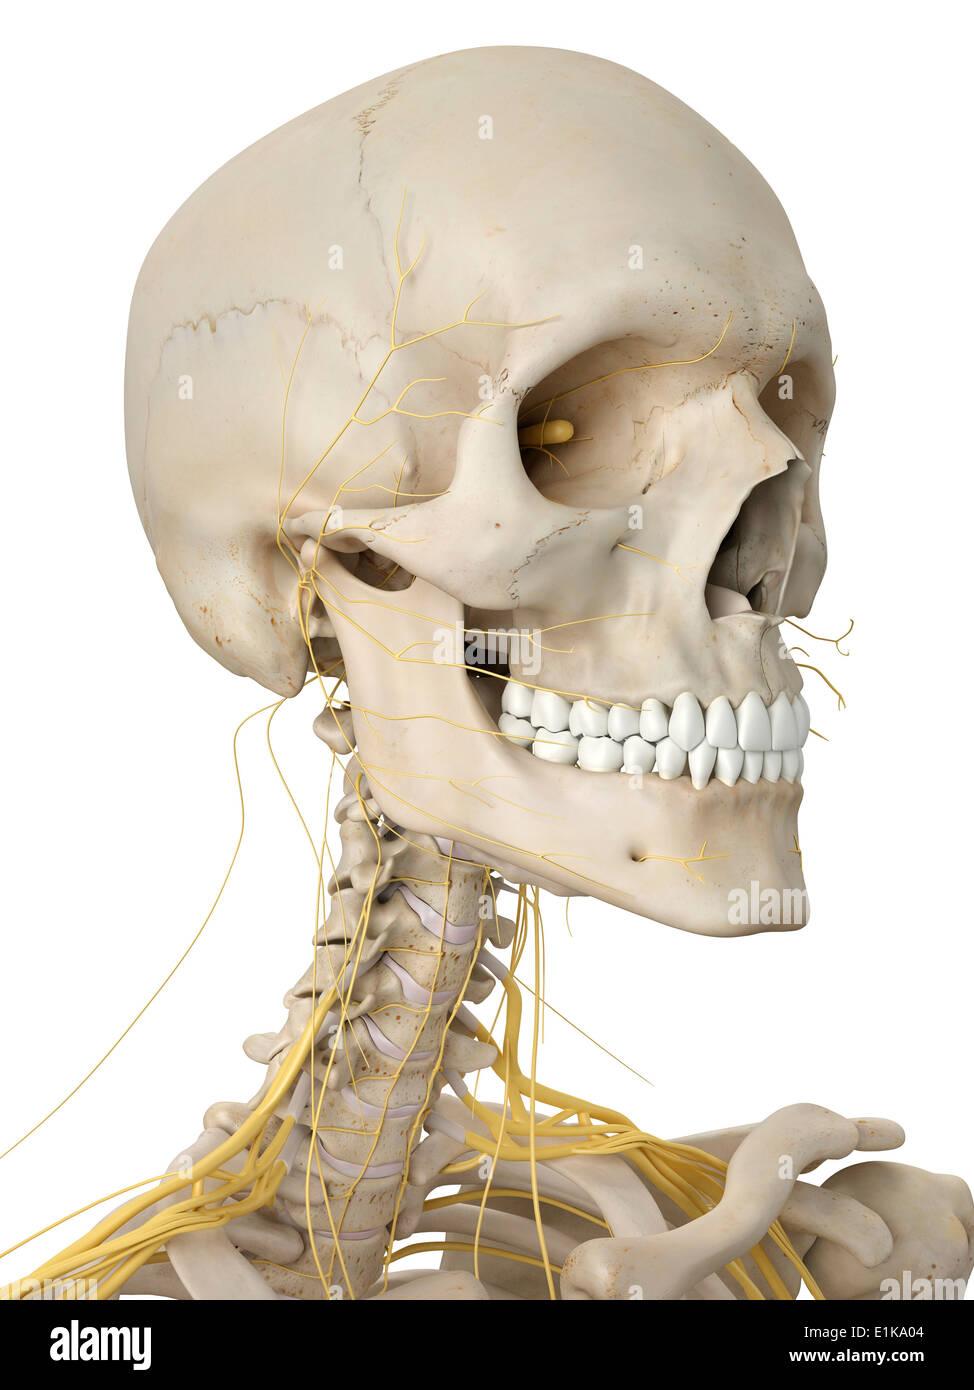 Beste Menschliche Knochen Anatomie Quiz Fotos - Anatomie Ideen ...